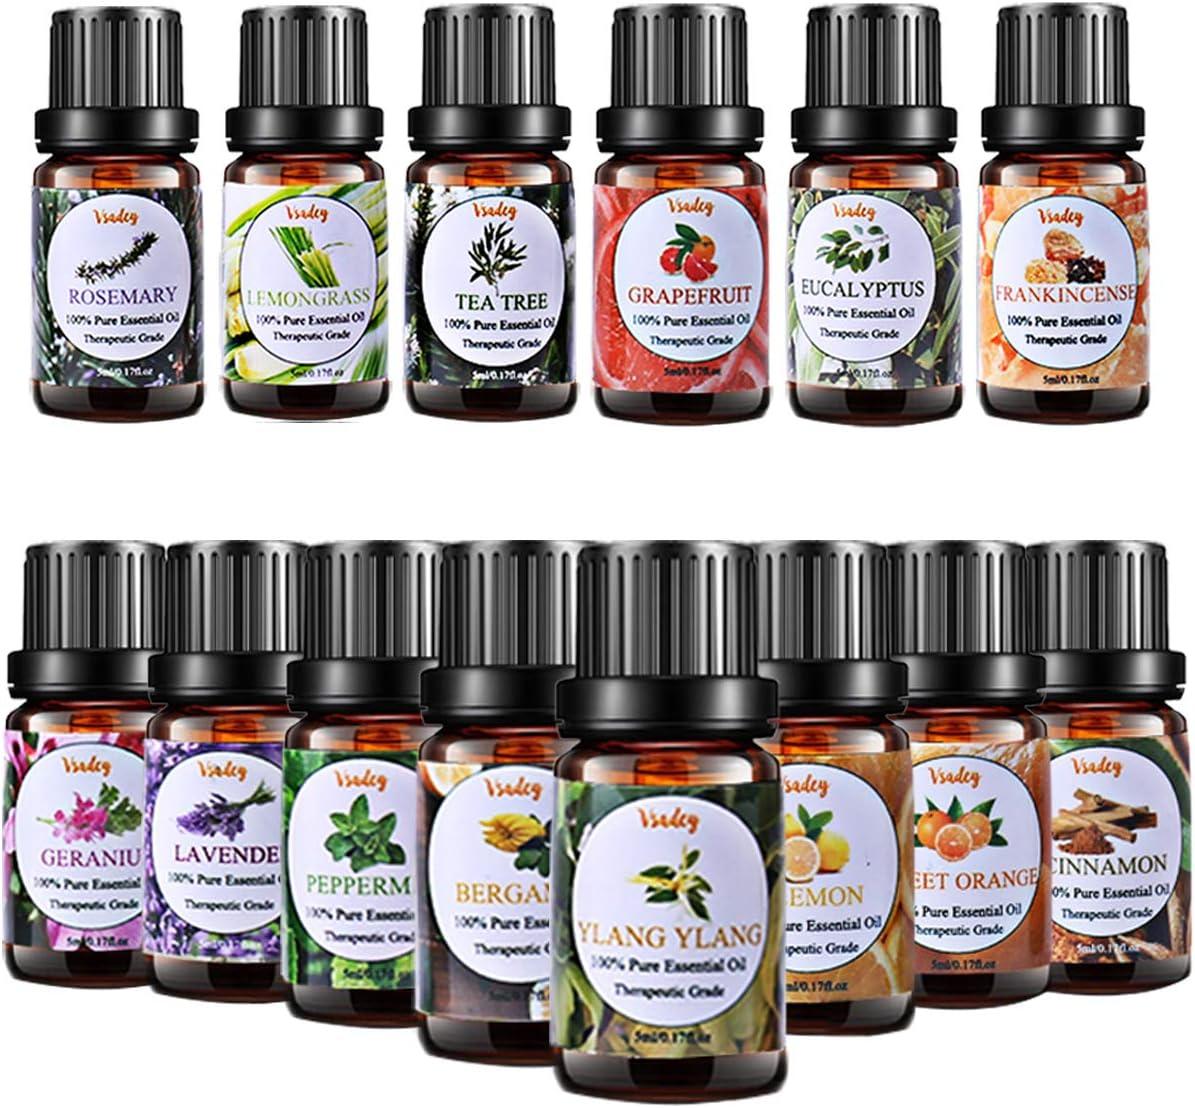 VSADEY Aceites Esenciales Aromaterapia 14pc Aceites Set de Regalo Perfecto Aceites Esenciales para Humidificador y Difusor Aroma, SPA, Masajes, relajarse, Set Essential Oils 100% Puro y Naturales